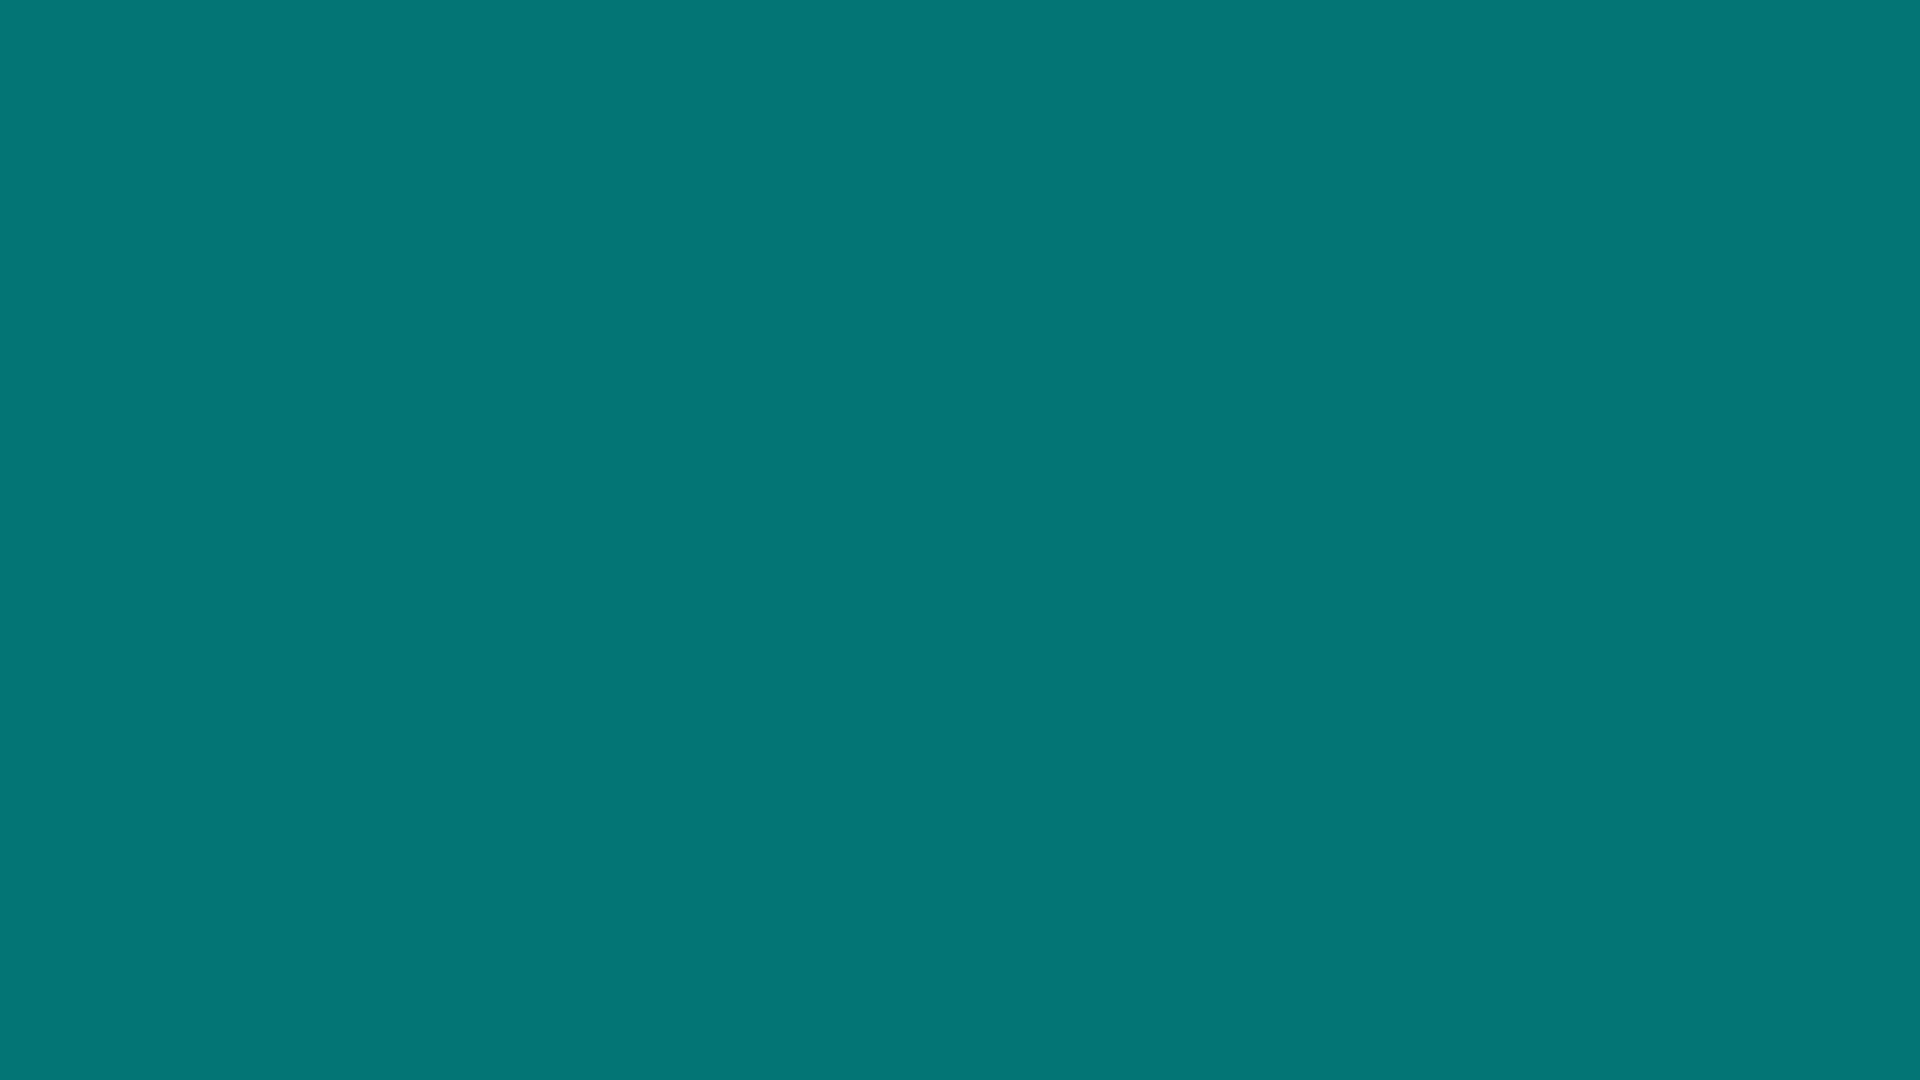 [공지] 서울대학교 아시아연구소 자료원 채용 1차 서류전형 통과 및 면접심사대상자